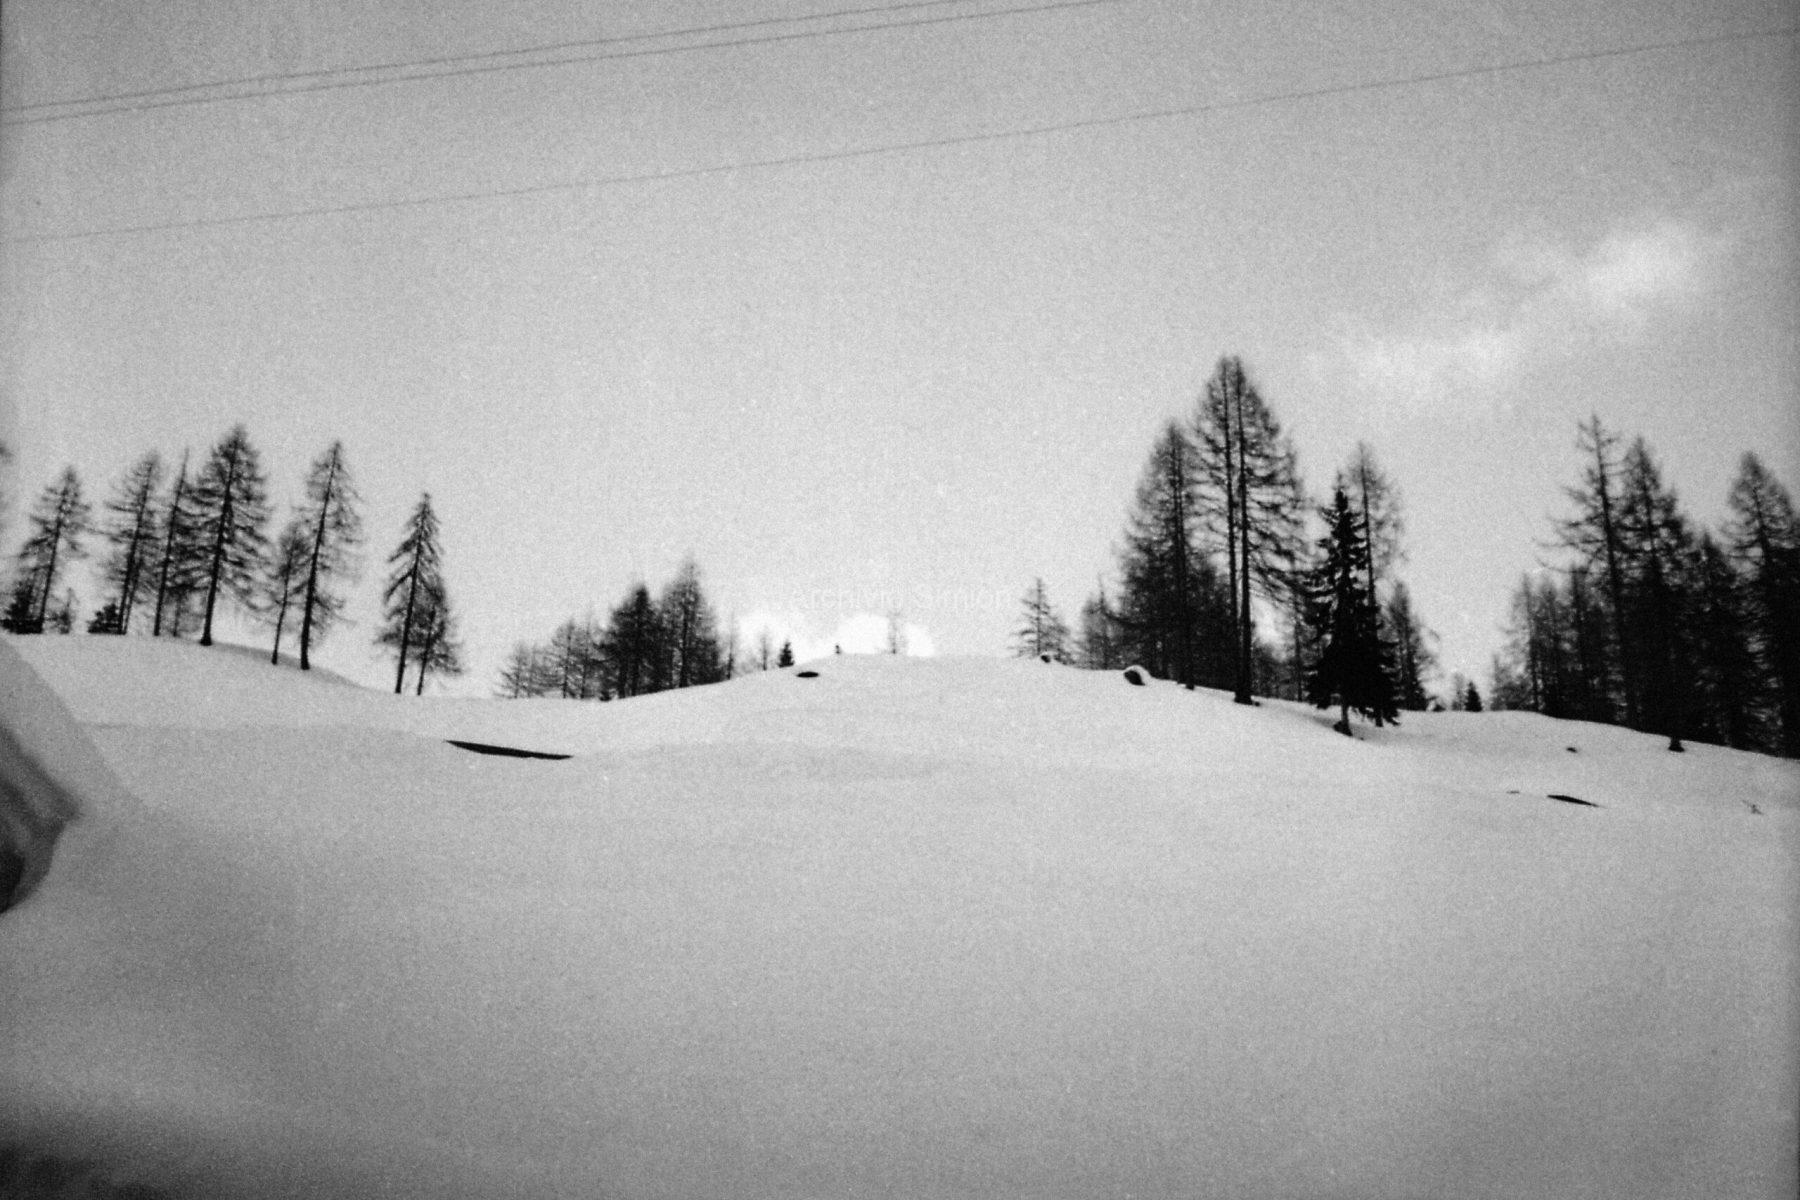 Archivio-Simion-Paesaggio-BN-10-scaled